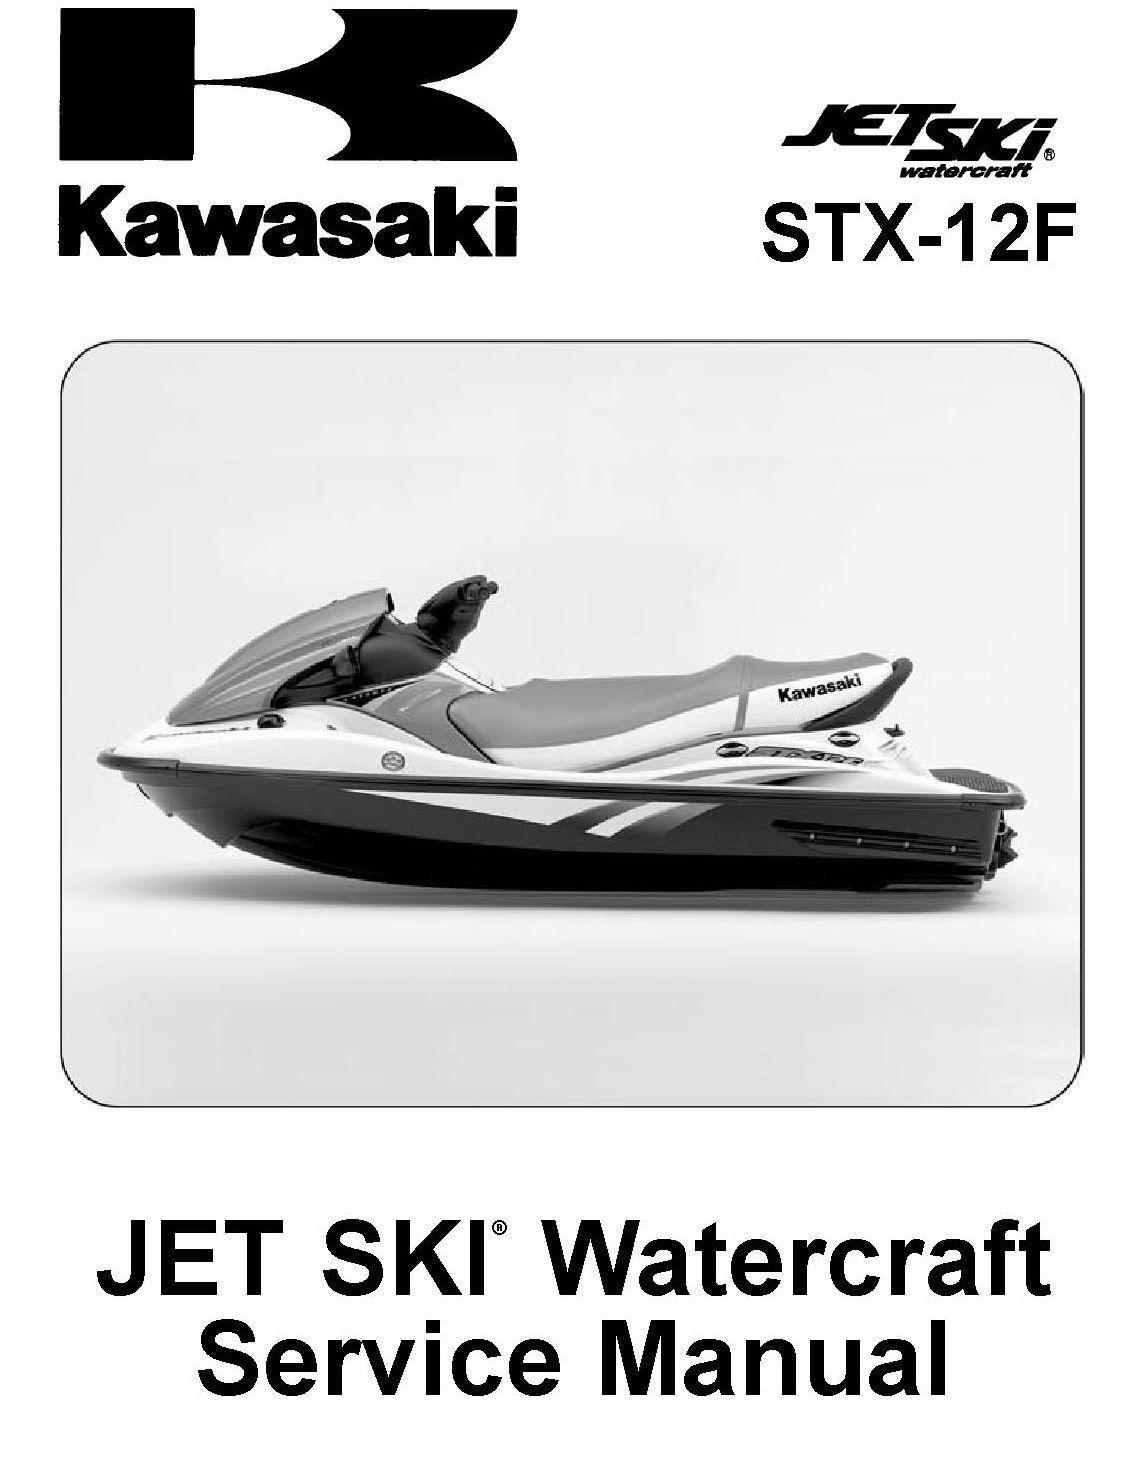 Kawasaki 601 Service Manual download